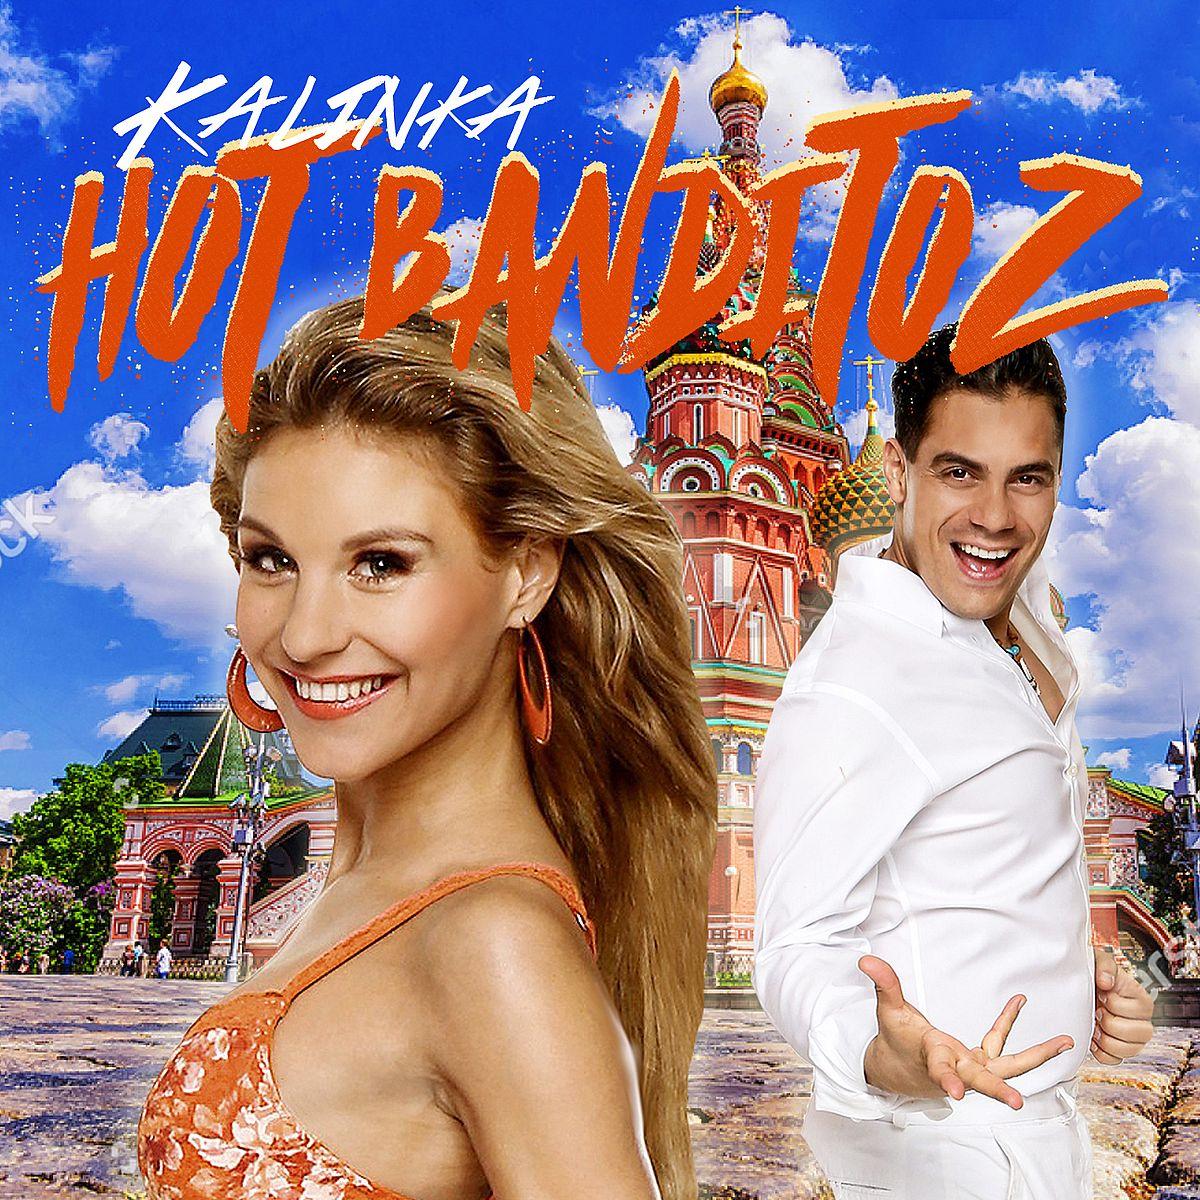 Kalinka: Song zur Fußball-WM von den Hot Banditoz